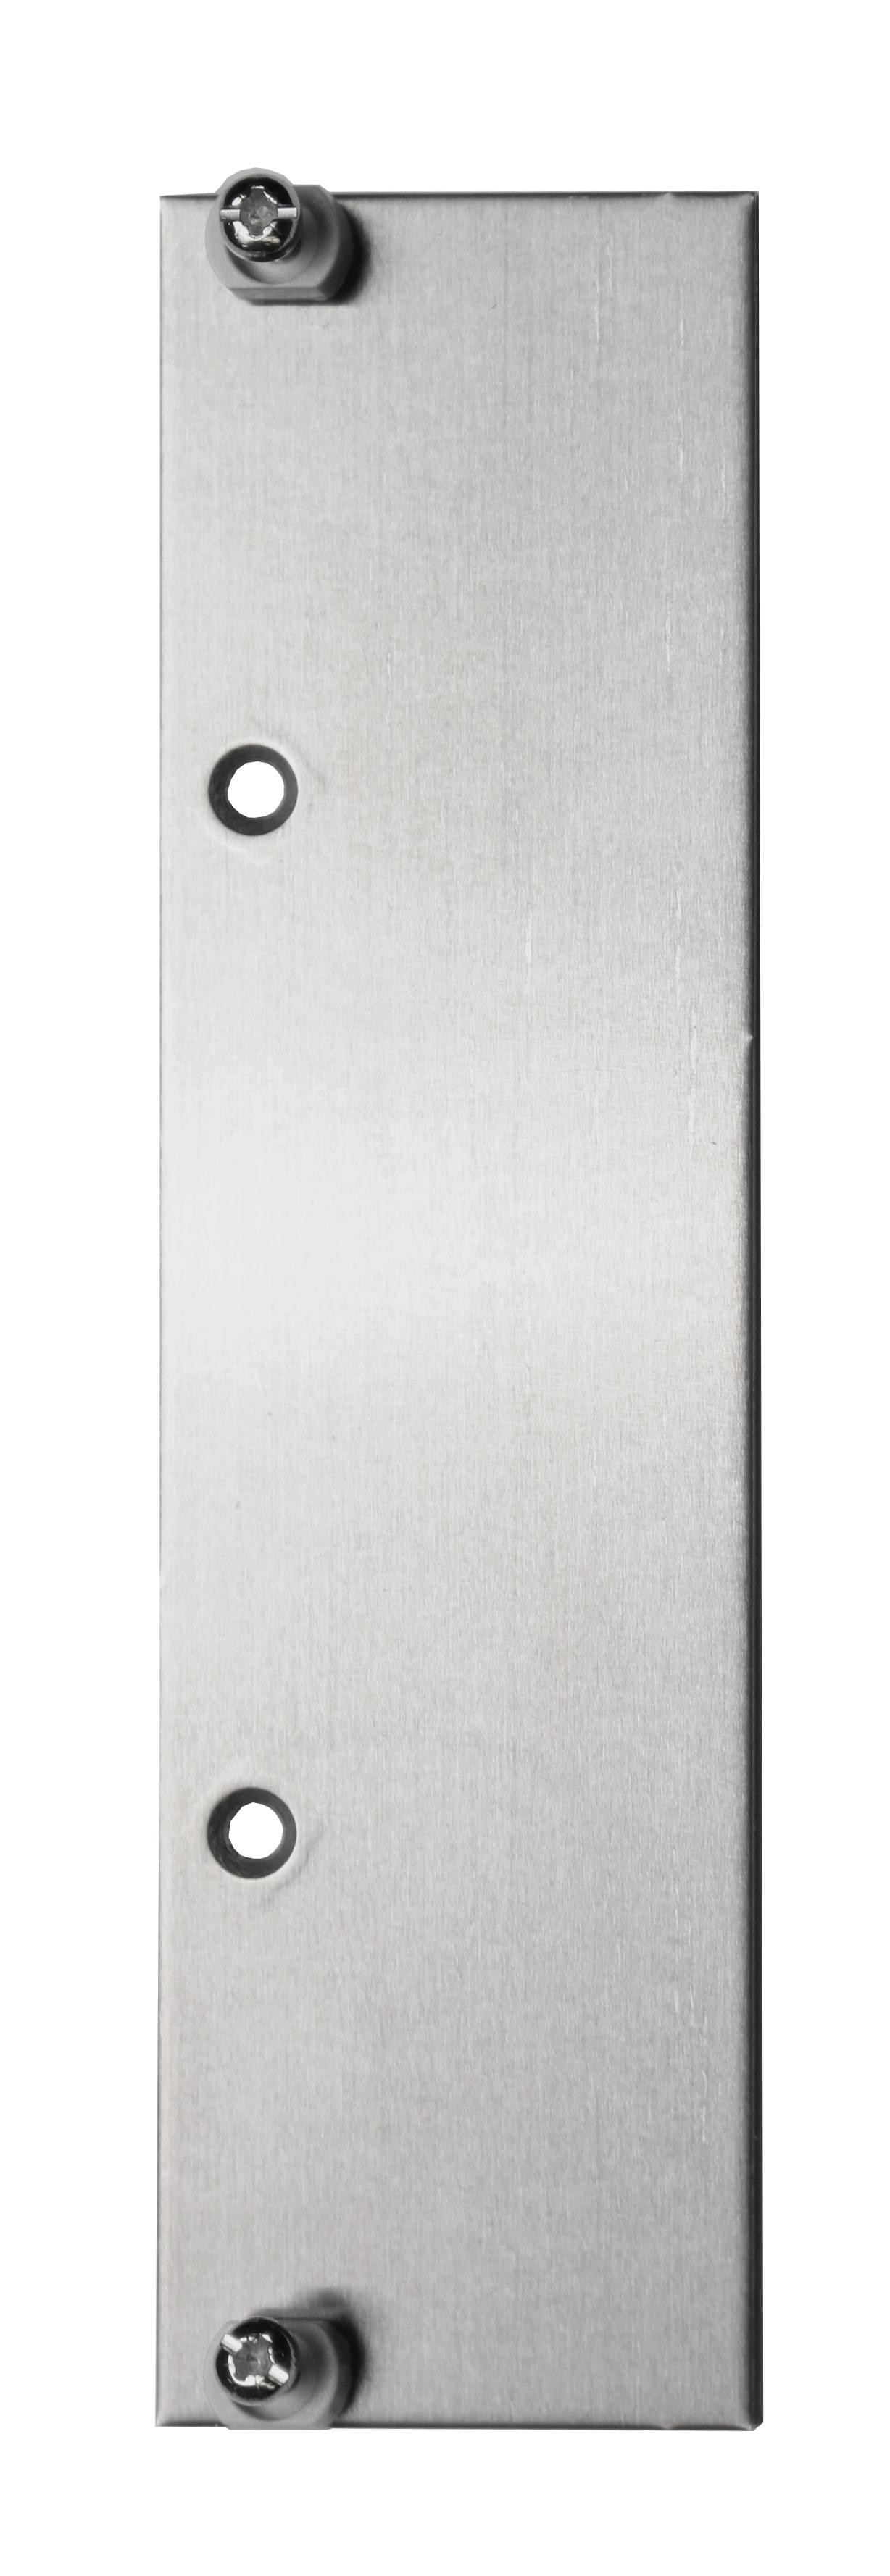 1 Stk Blindplatte für Modulträger (BGT) und Side-Modulträger 7TE HEKBB001--